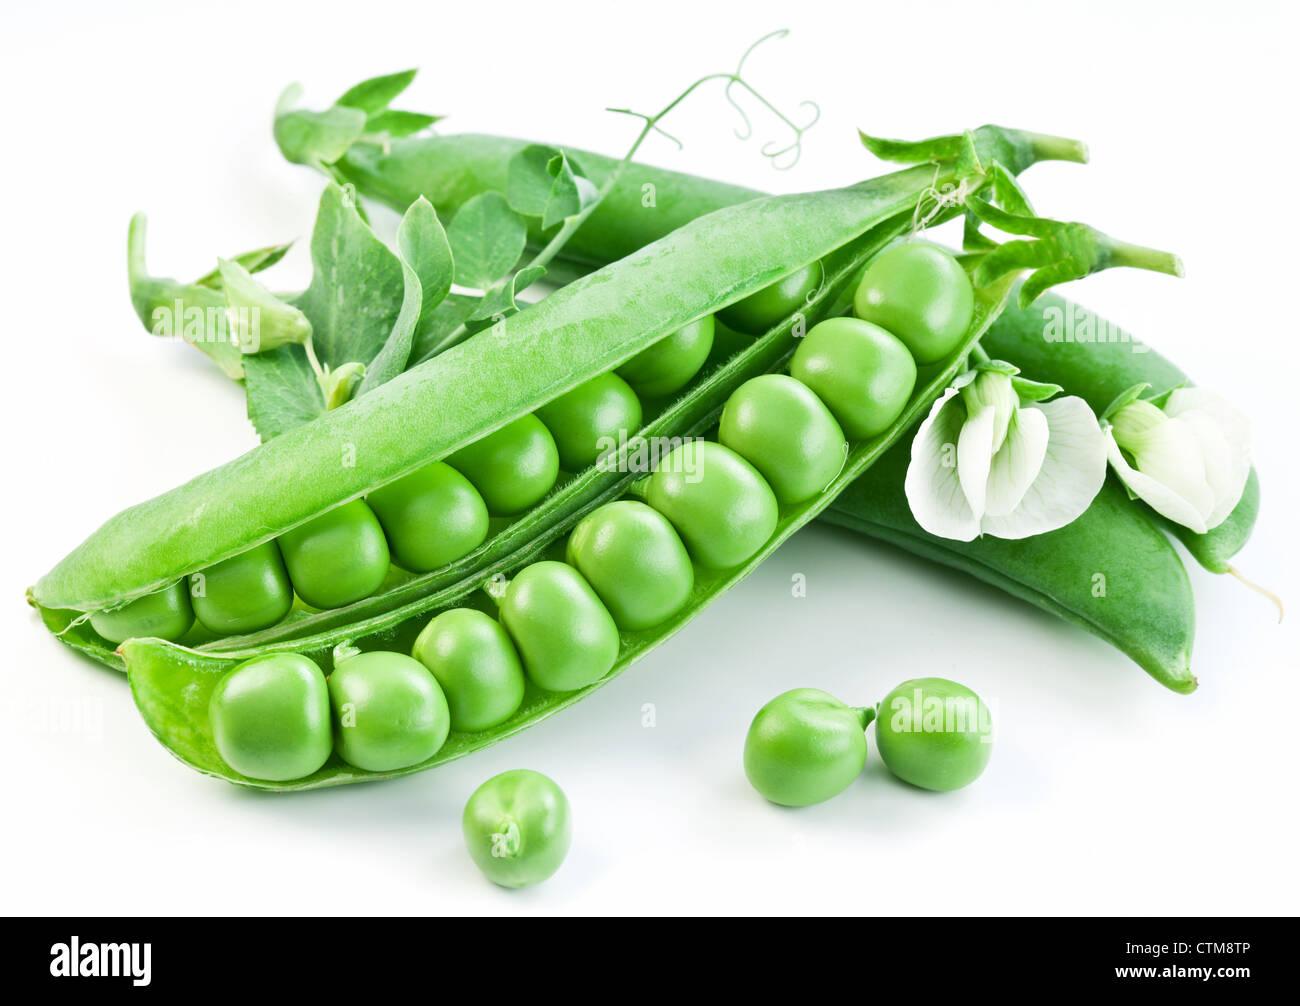 Gousses de pois verts avec des feuilles sur fond blanc. Banque D'Images